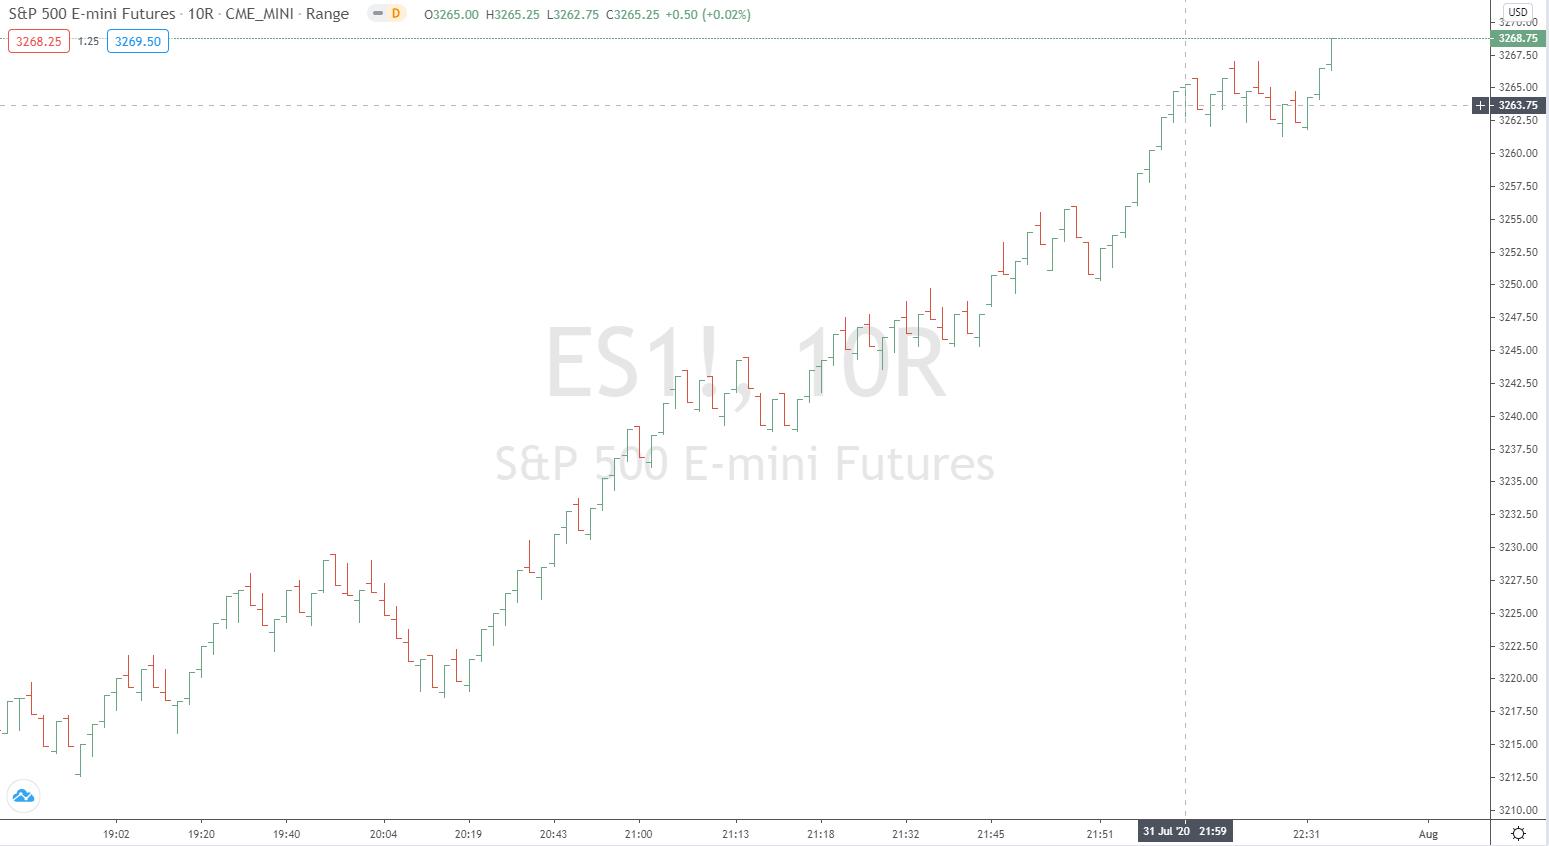 Range Chart im S&P e-mini Future